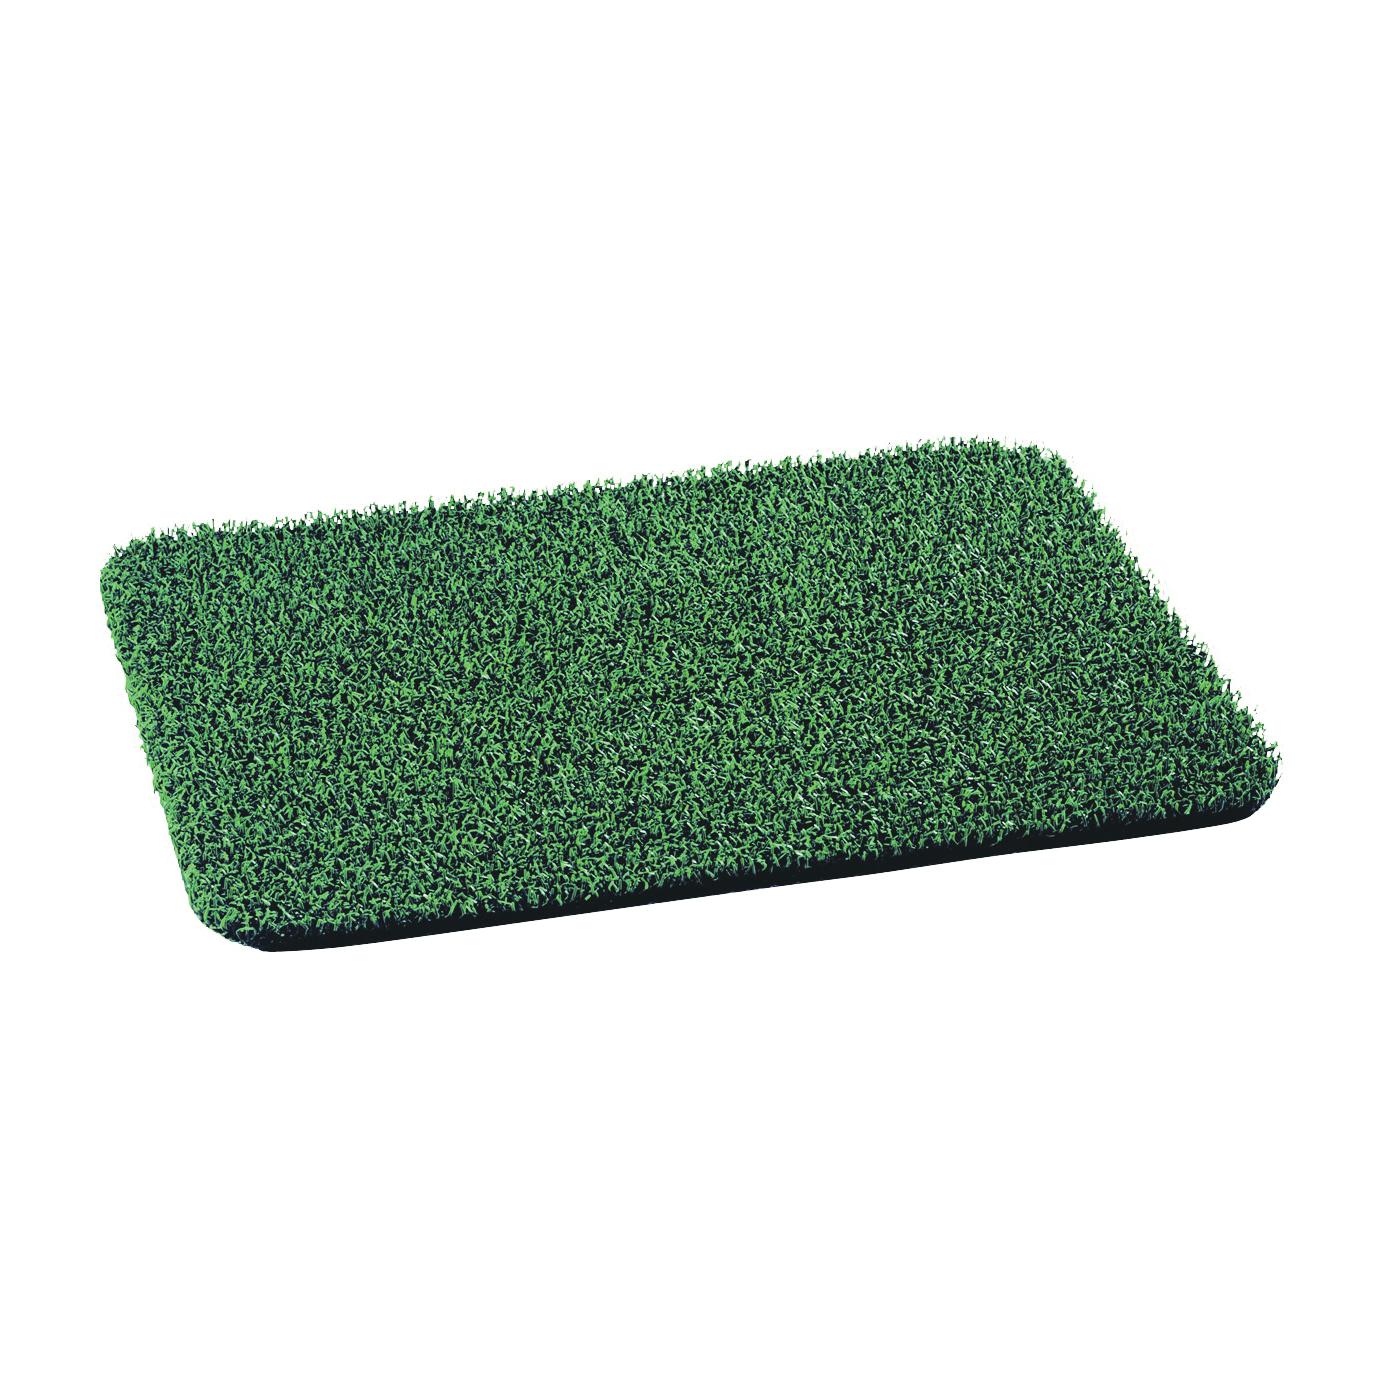 GRASSWORX 10372030